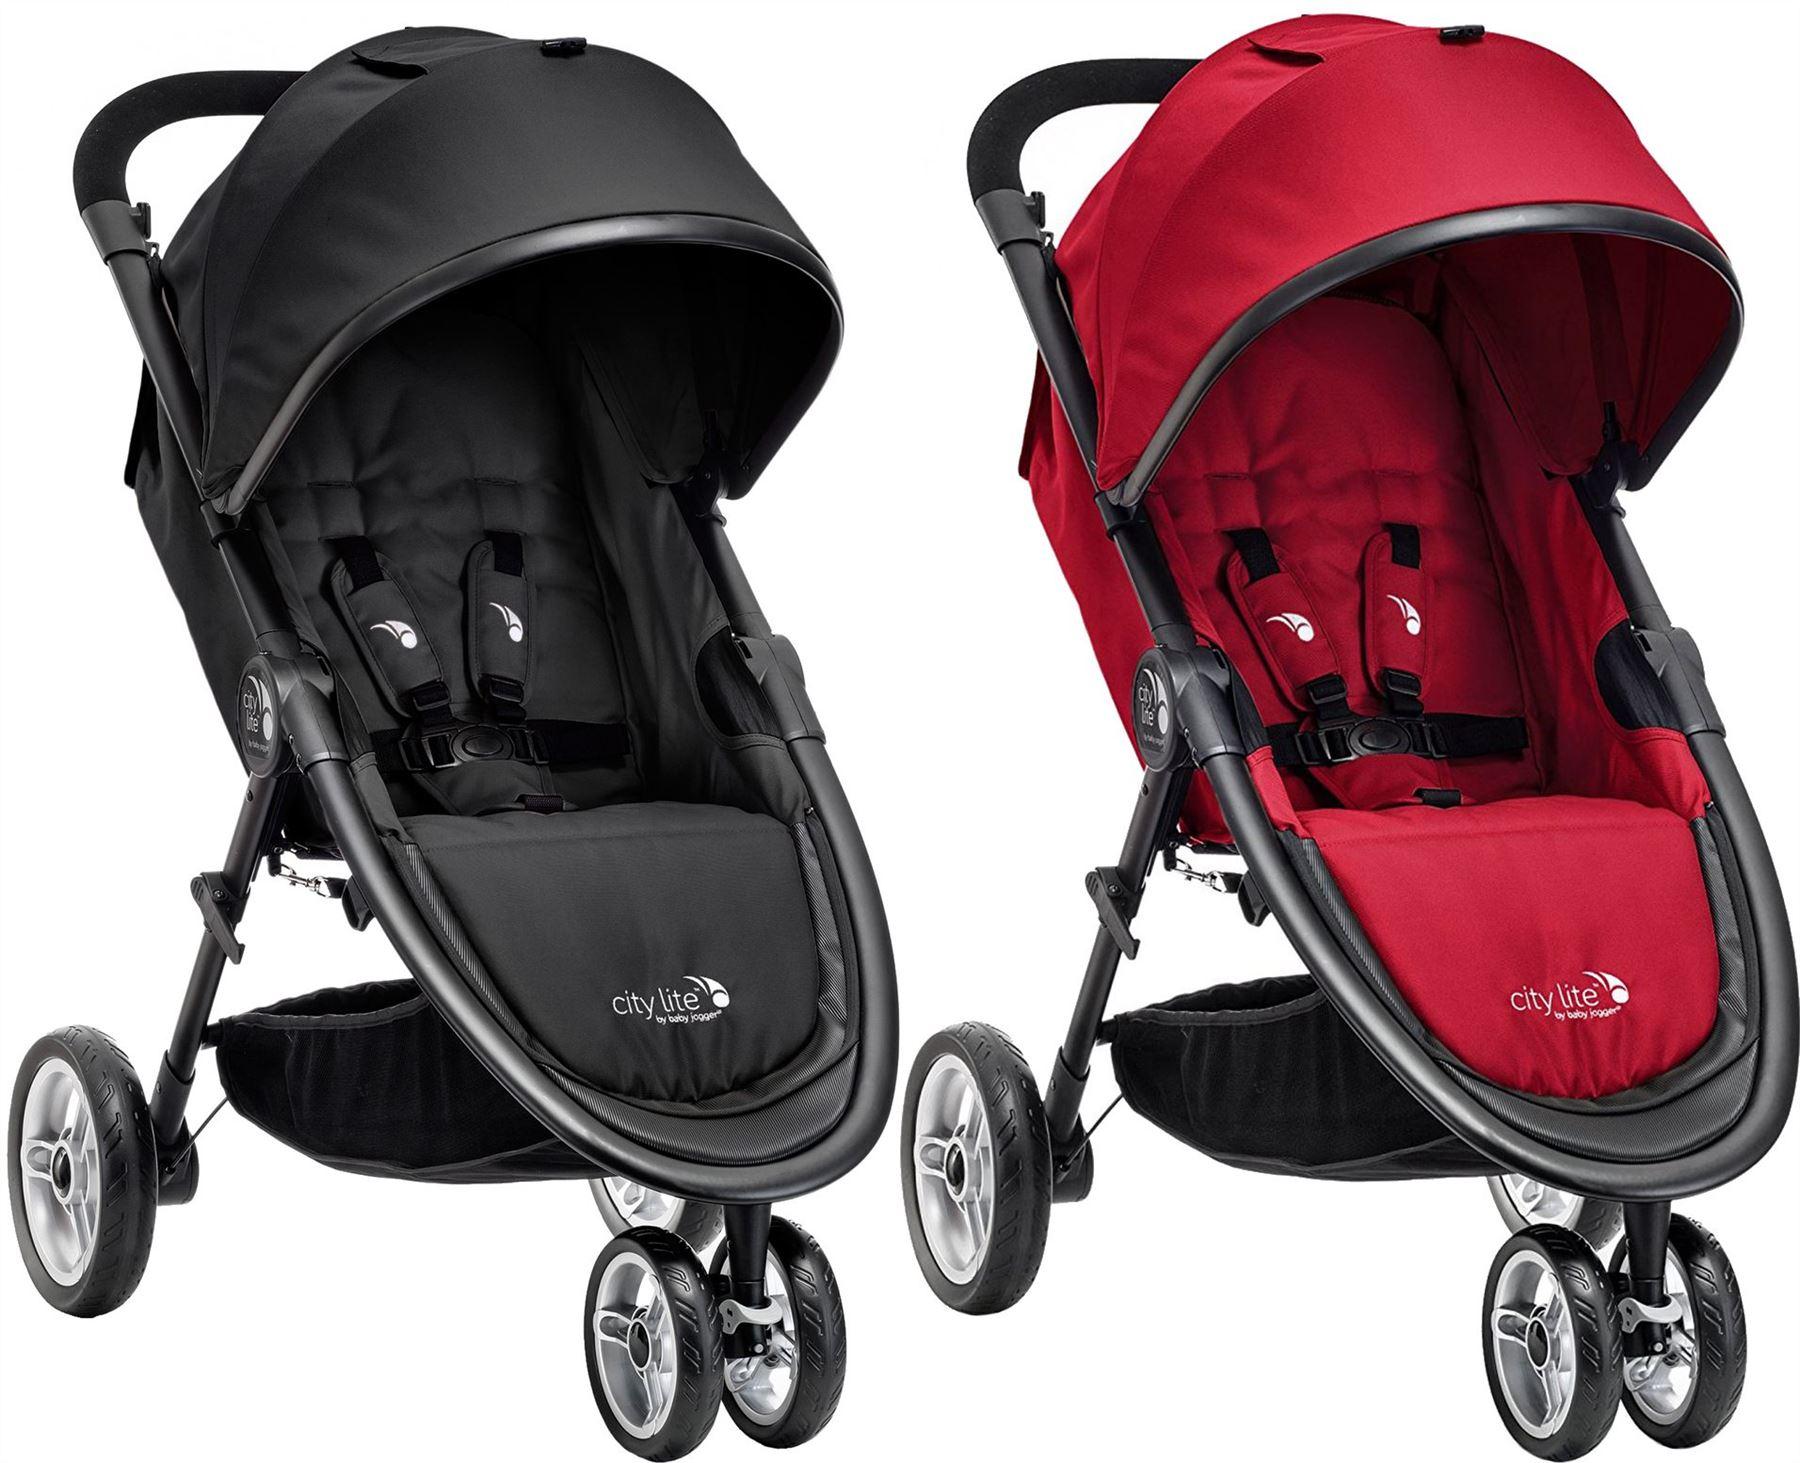 Dettagli Su Baby Jogger City Lite Passeggino Buggy Passeggino Baby Travel Bn Mostra Il Titolo Originale